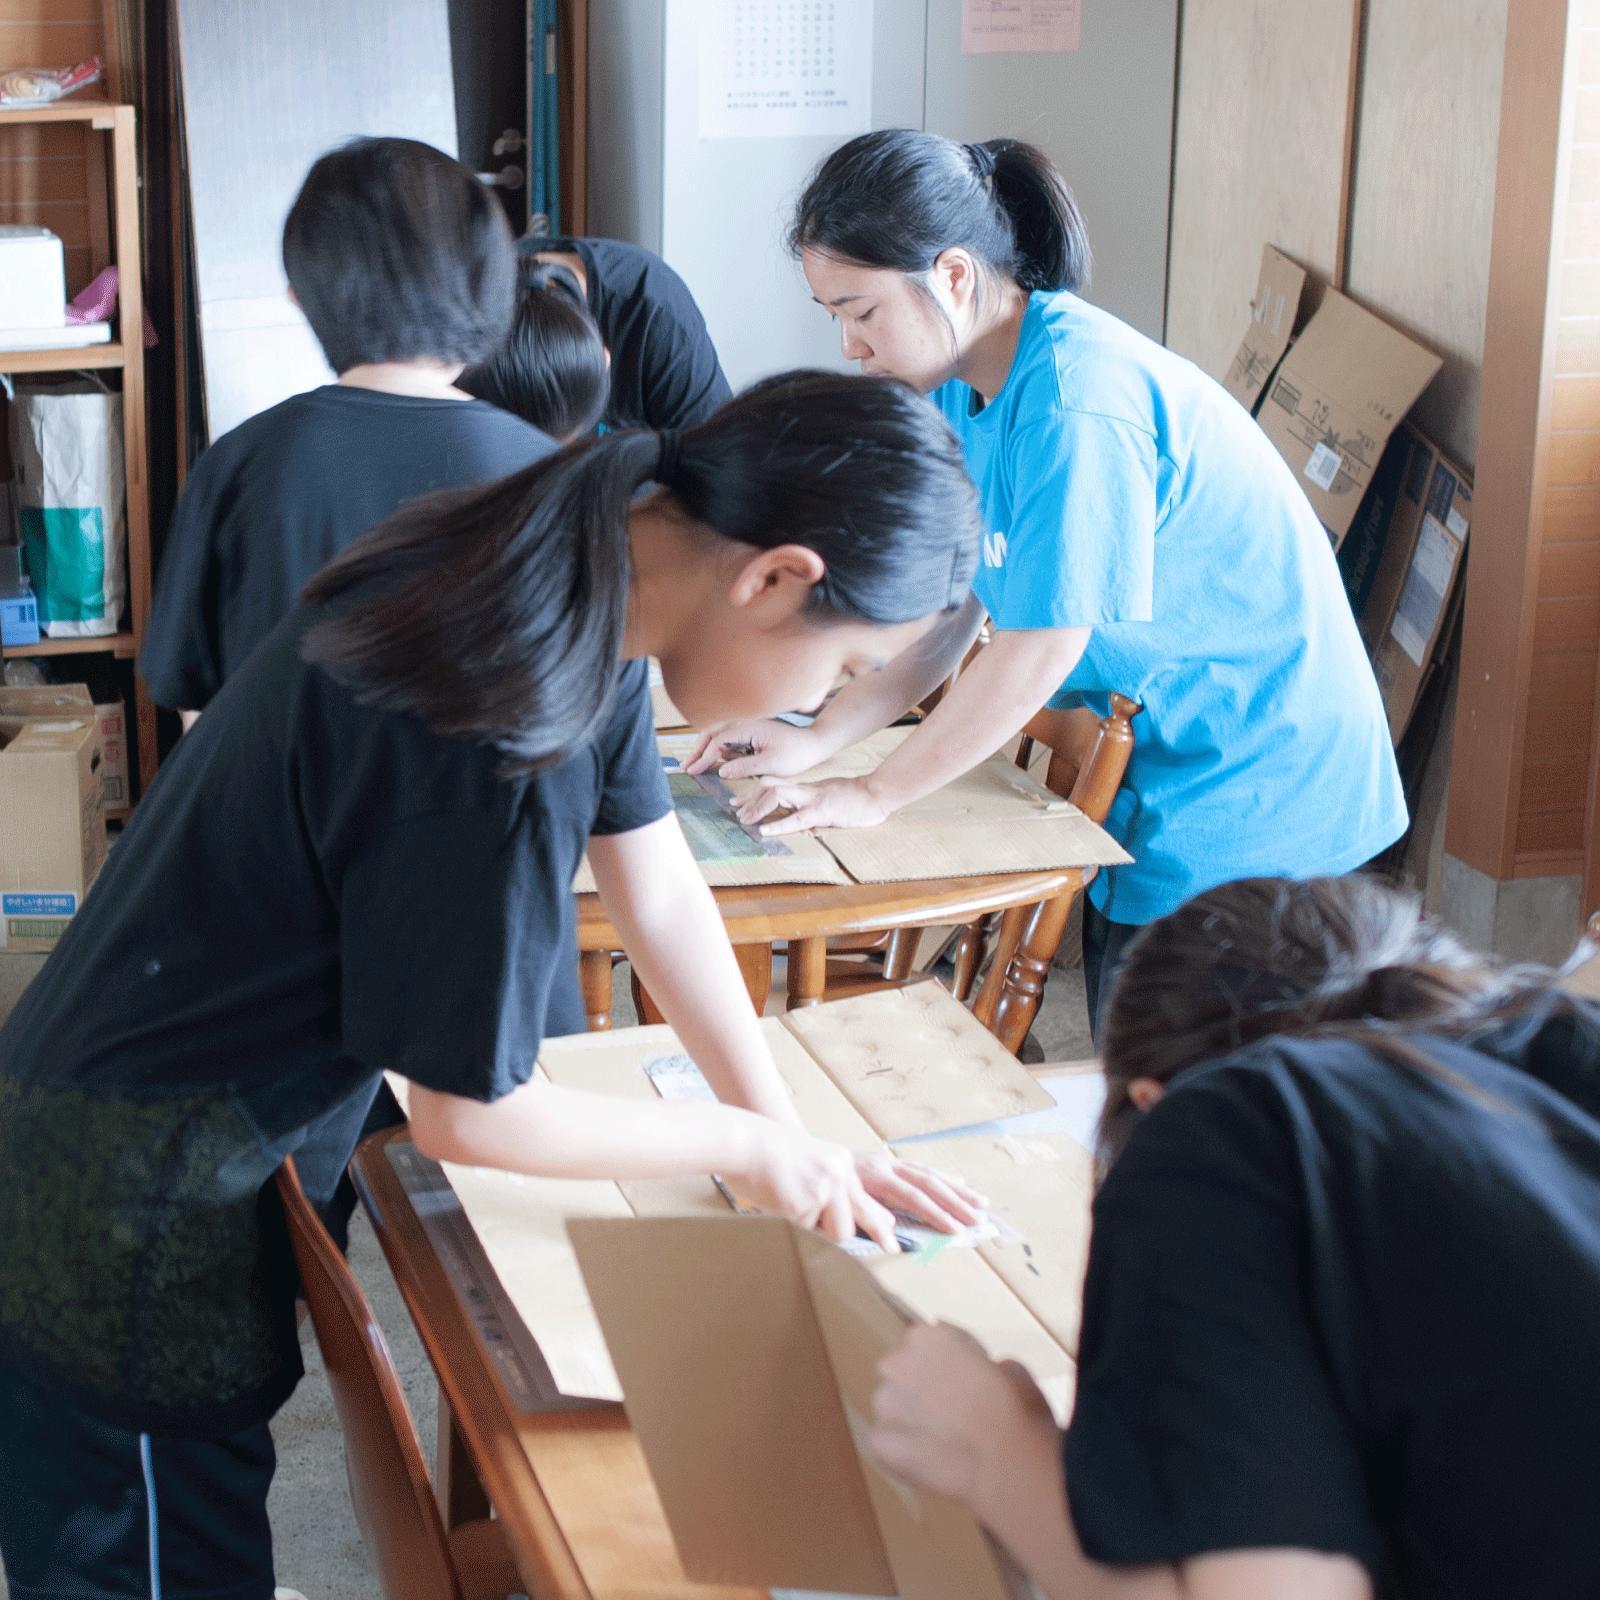 夏休みワークショップvol.2那珂湊中学校美術部とコラボ「グラフィックデザイン」と「ステンシルアート」